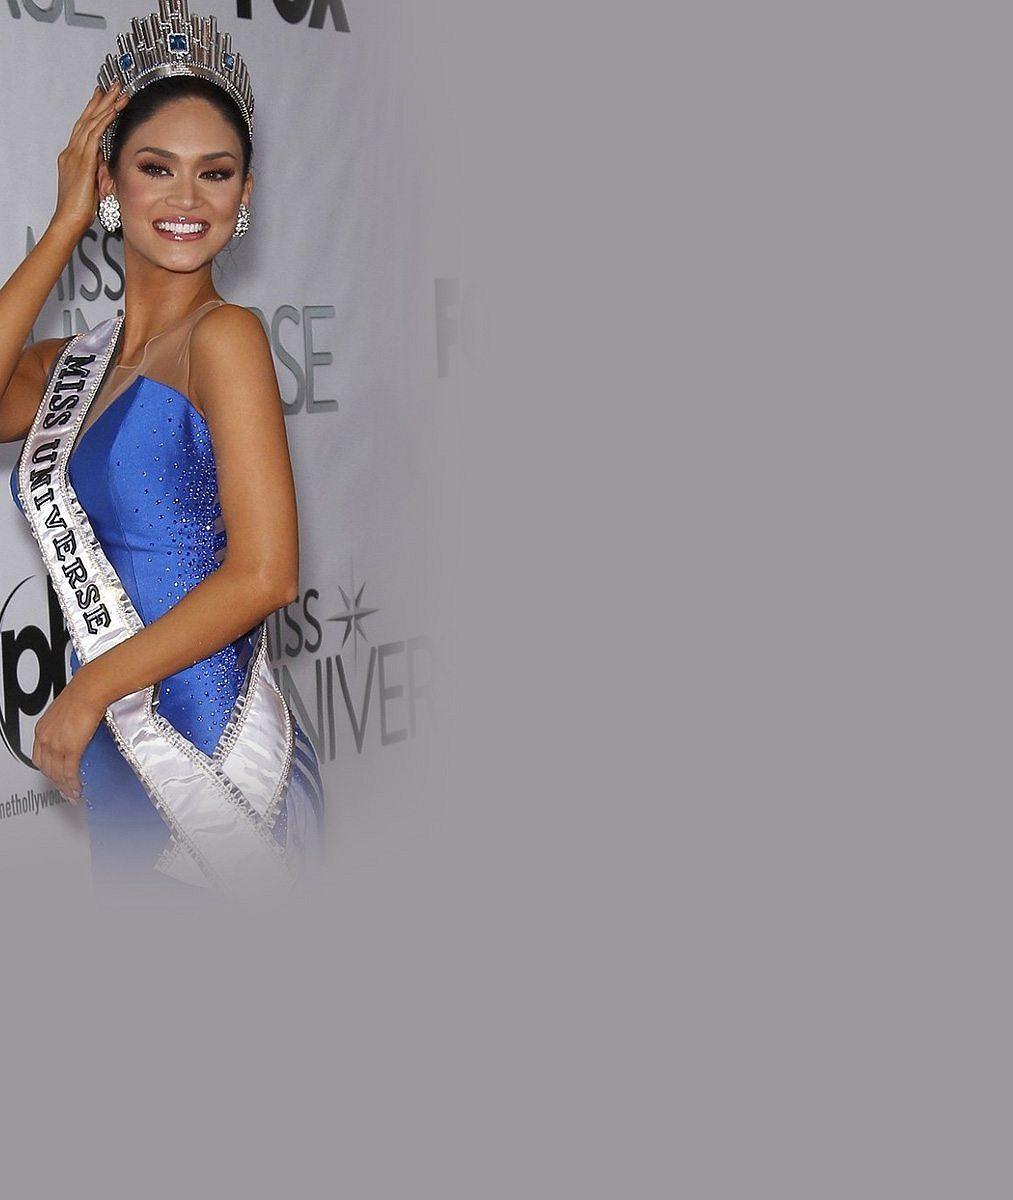 Zrodily se rovnou dvě nové světové královny krásy: Líbí se vám více Filipínka, či Španělka?